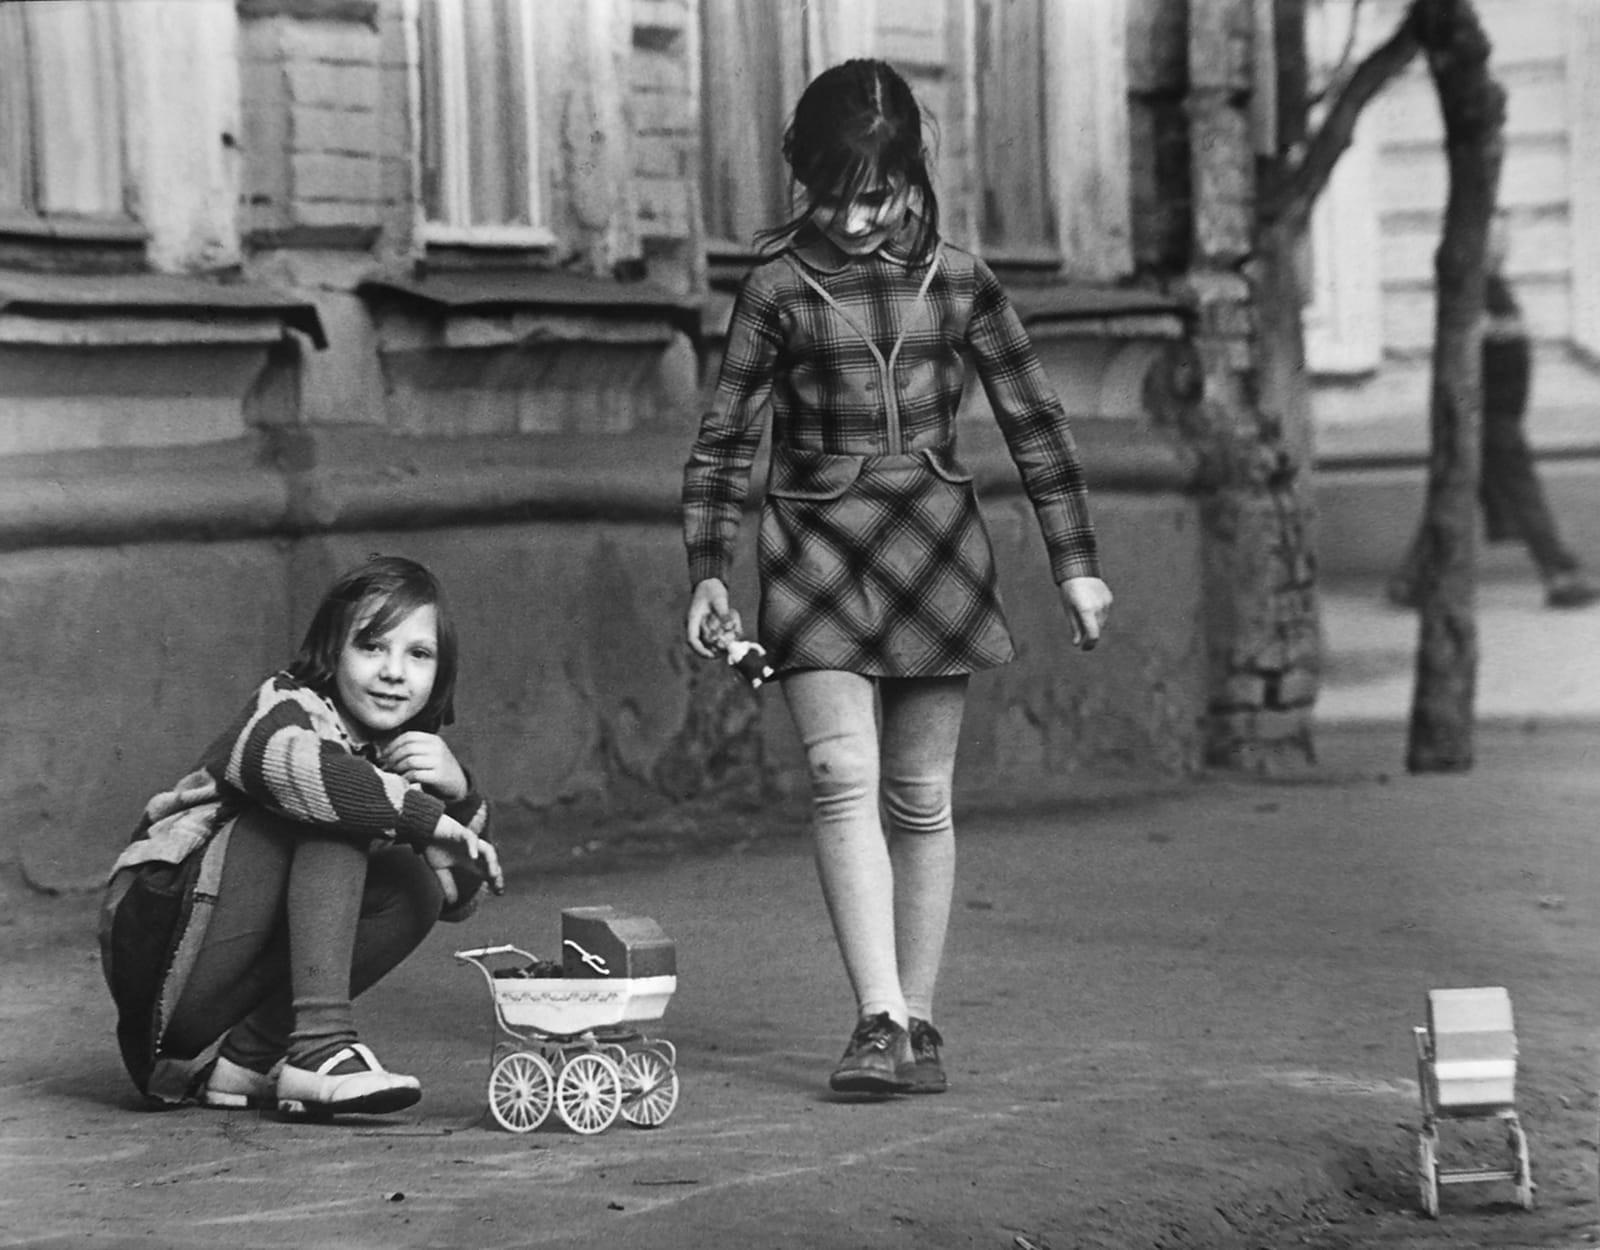 Enfants jouant aux adultes (Saratov, 1980)